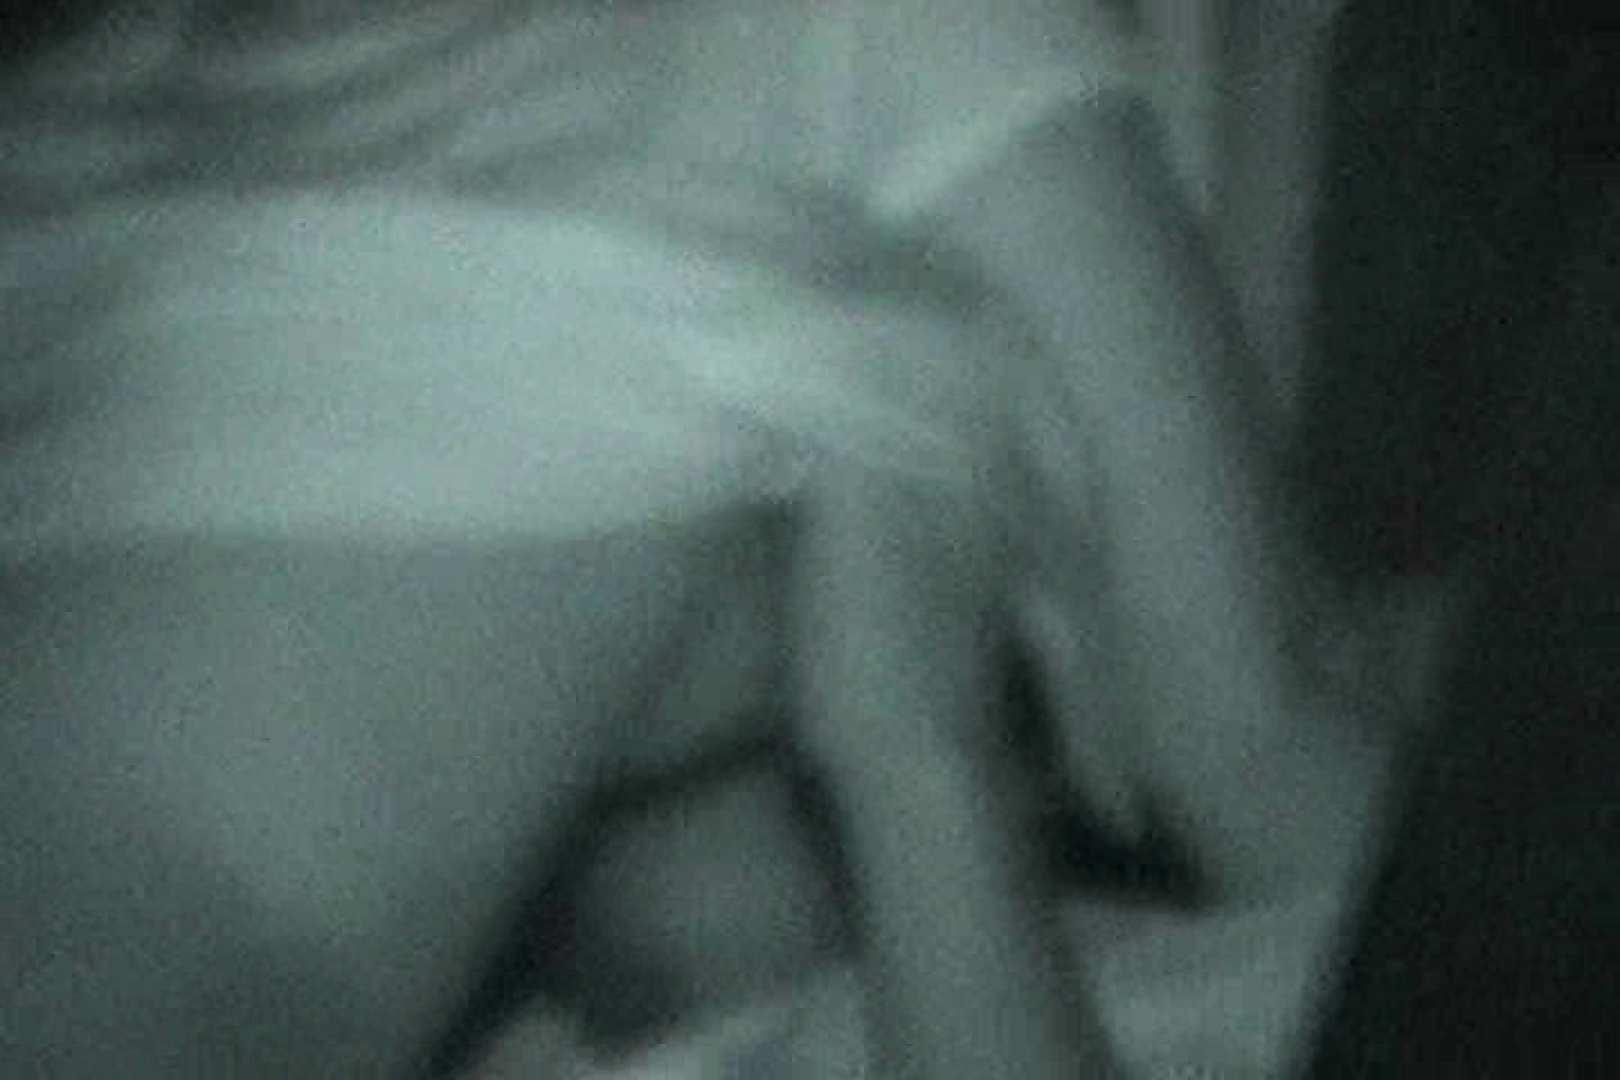 充血監督の深夜の運動会Vol.21 カップル オメコ無修正動画無料 95pic 38